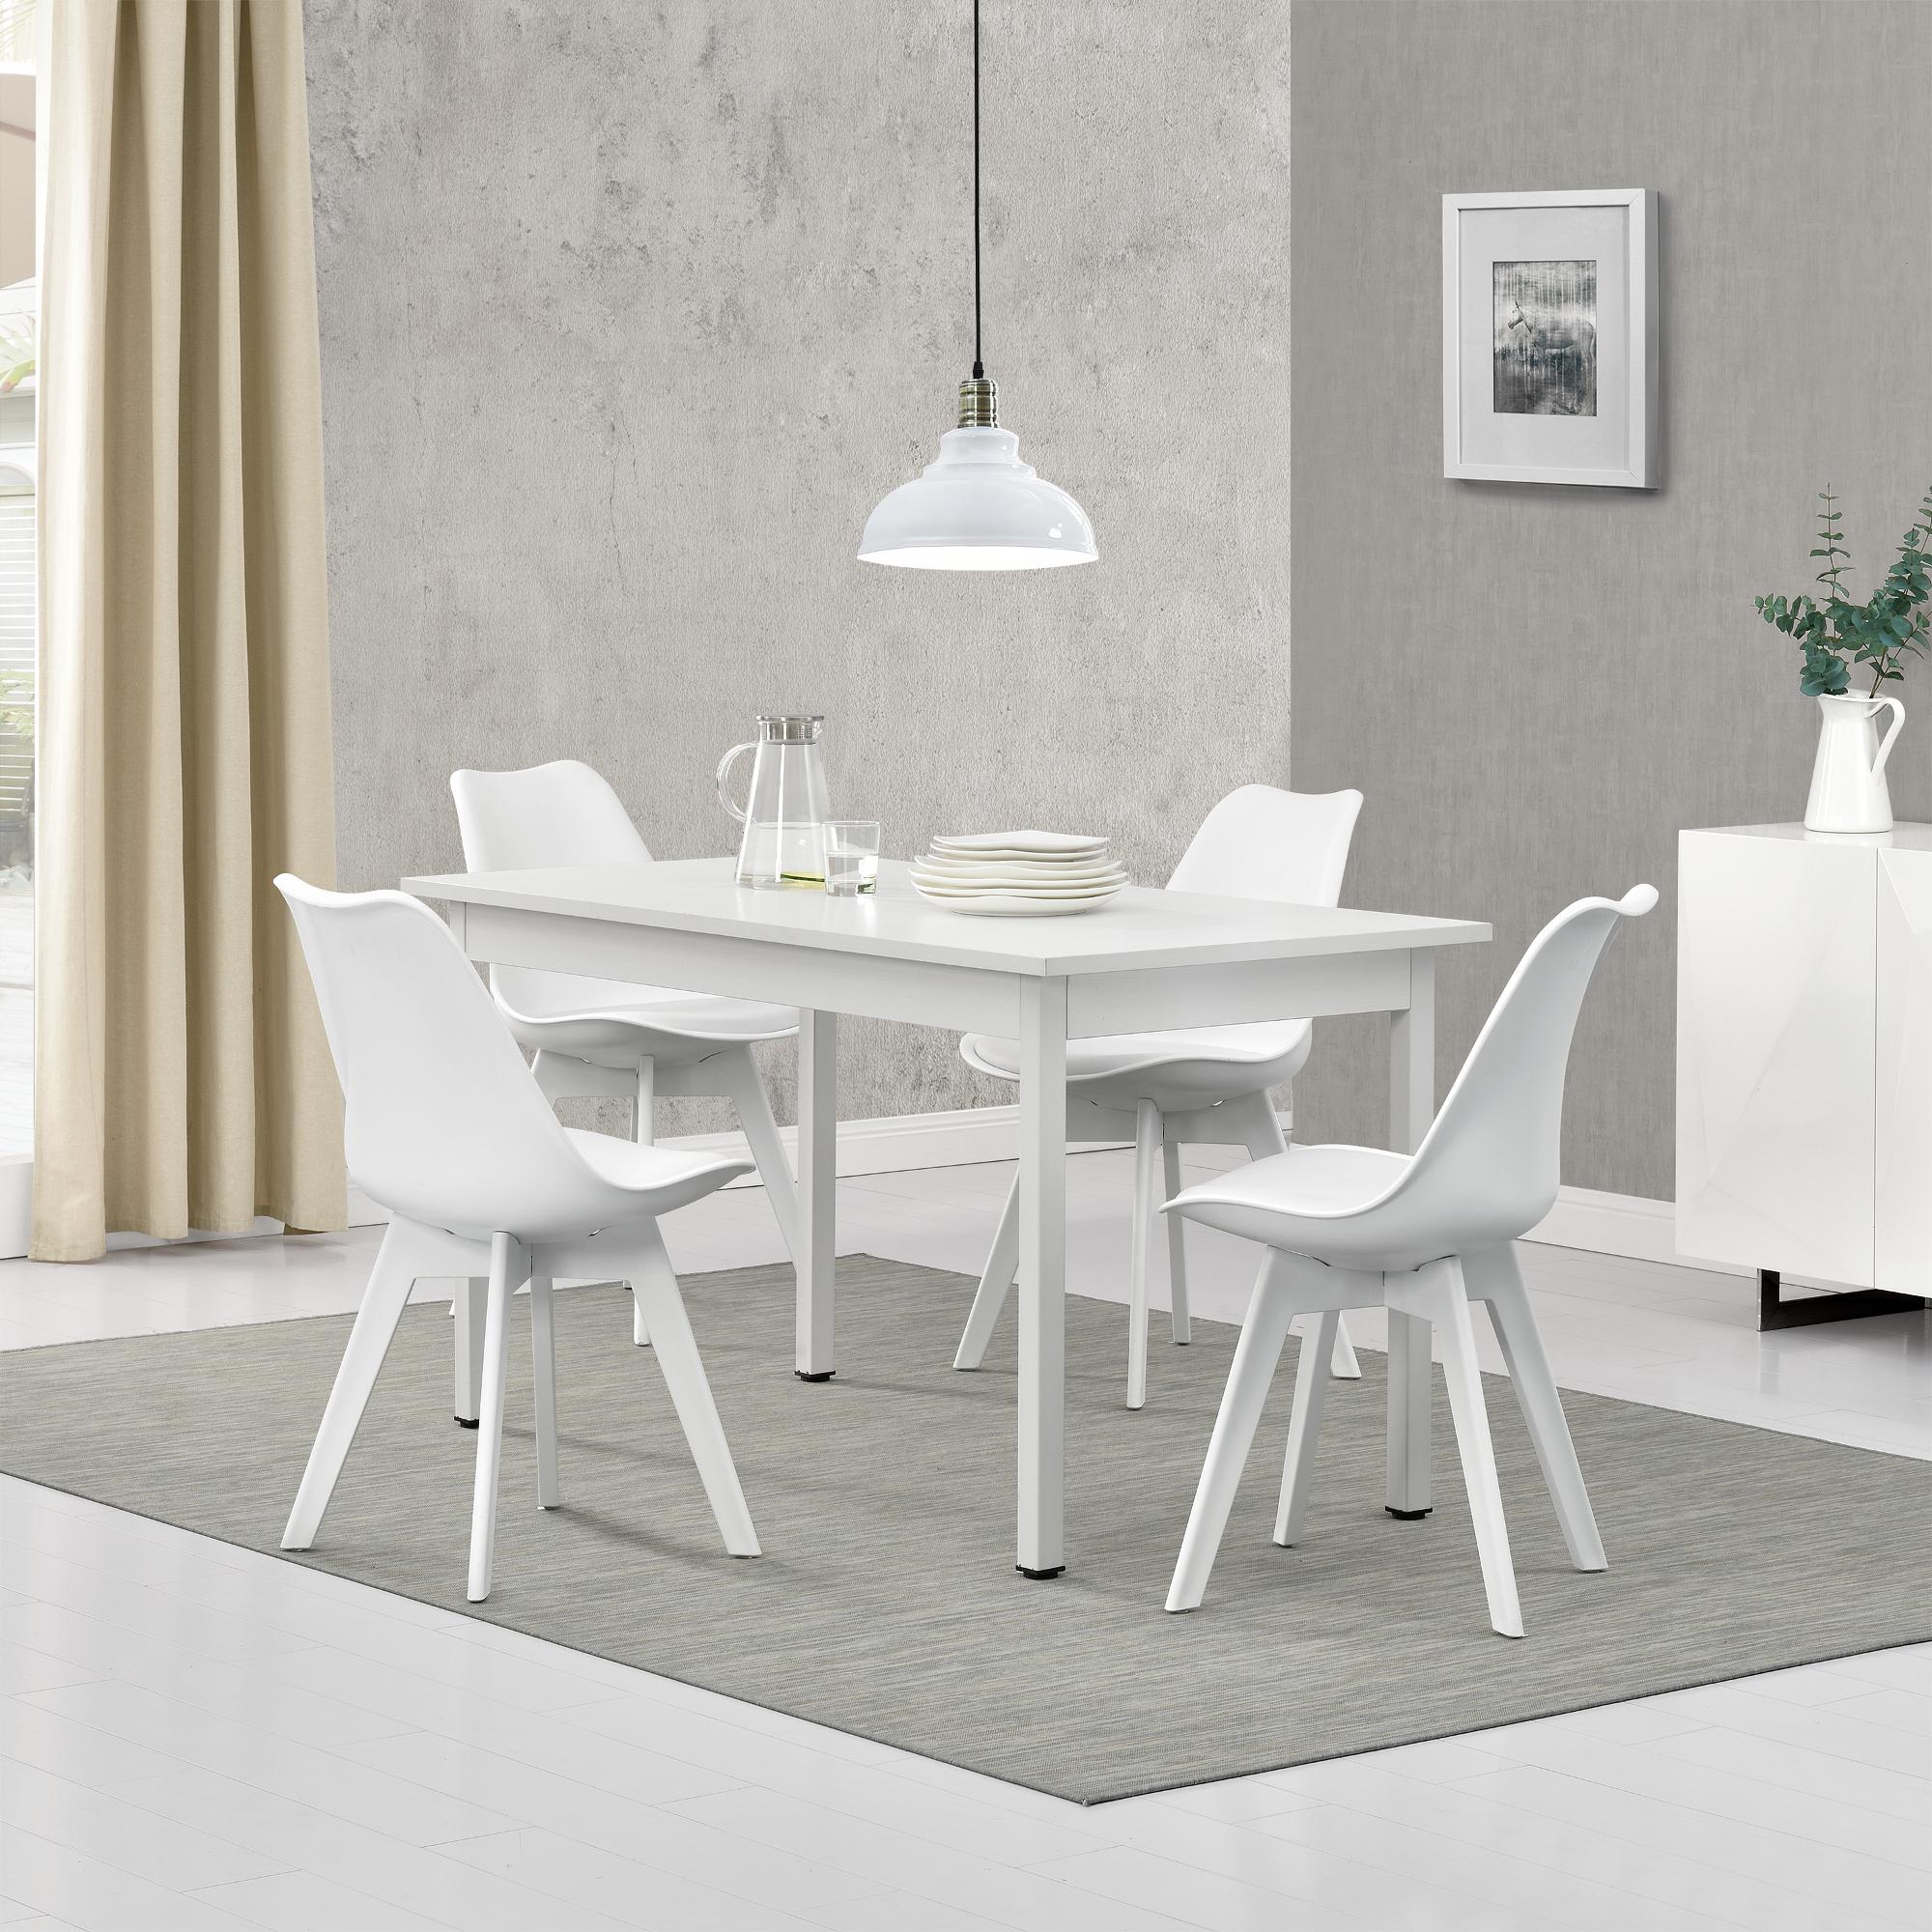 4 chaises Gris//Noir 140x60cm TABLE de CUISINE salle à manger table ® Table à manger en. casa